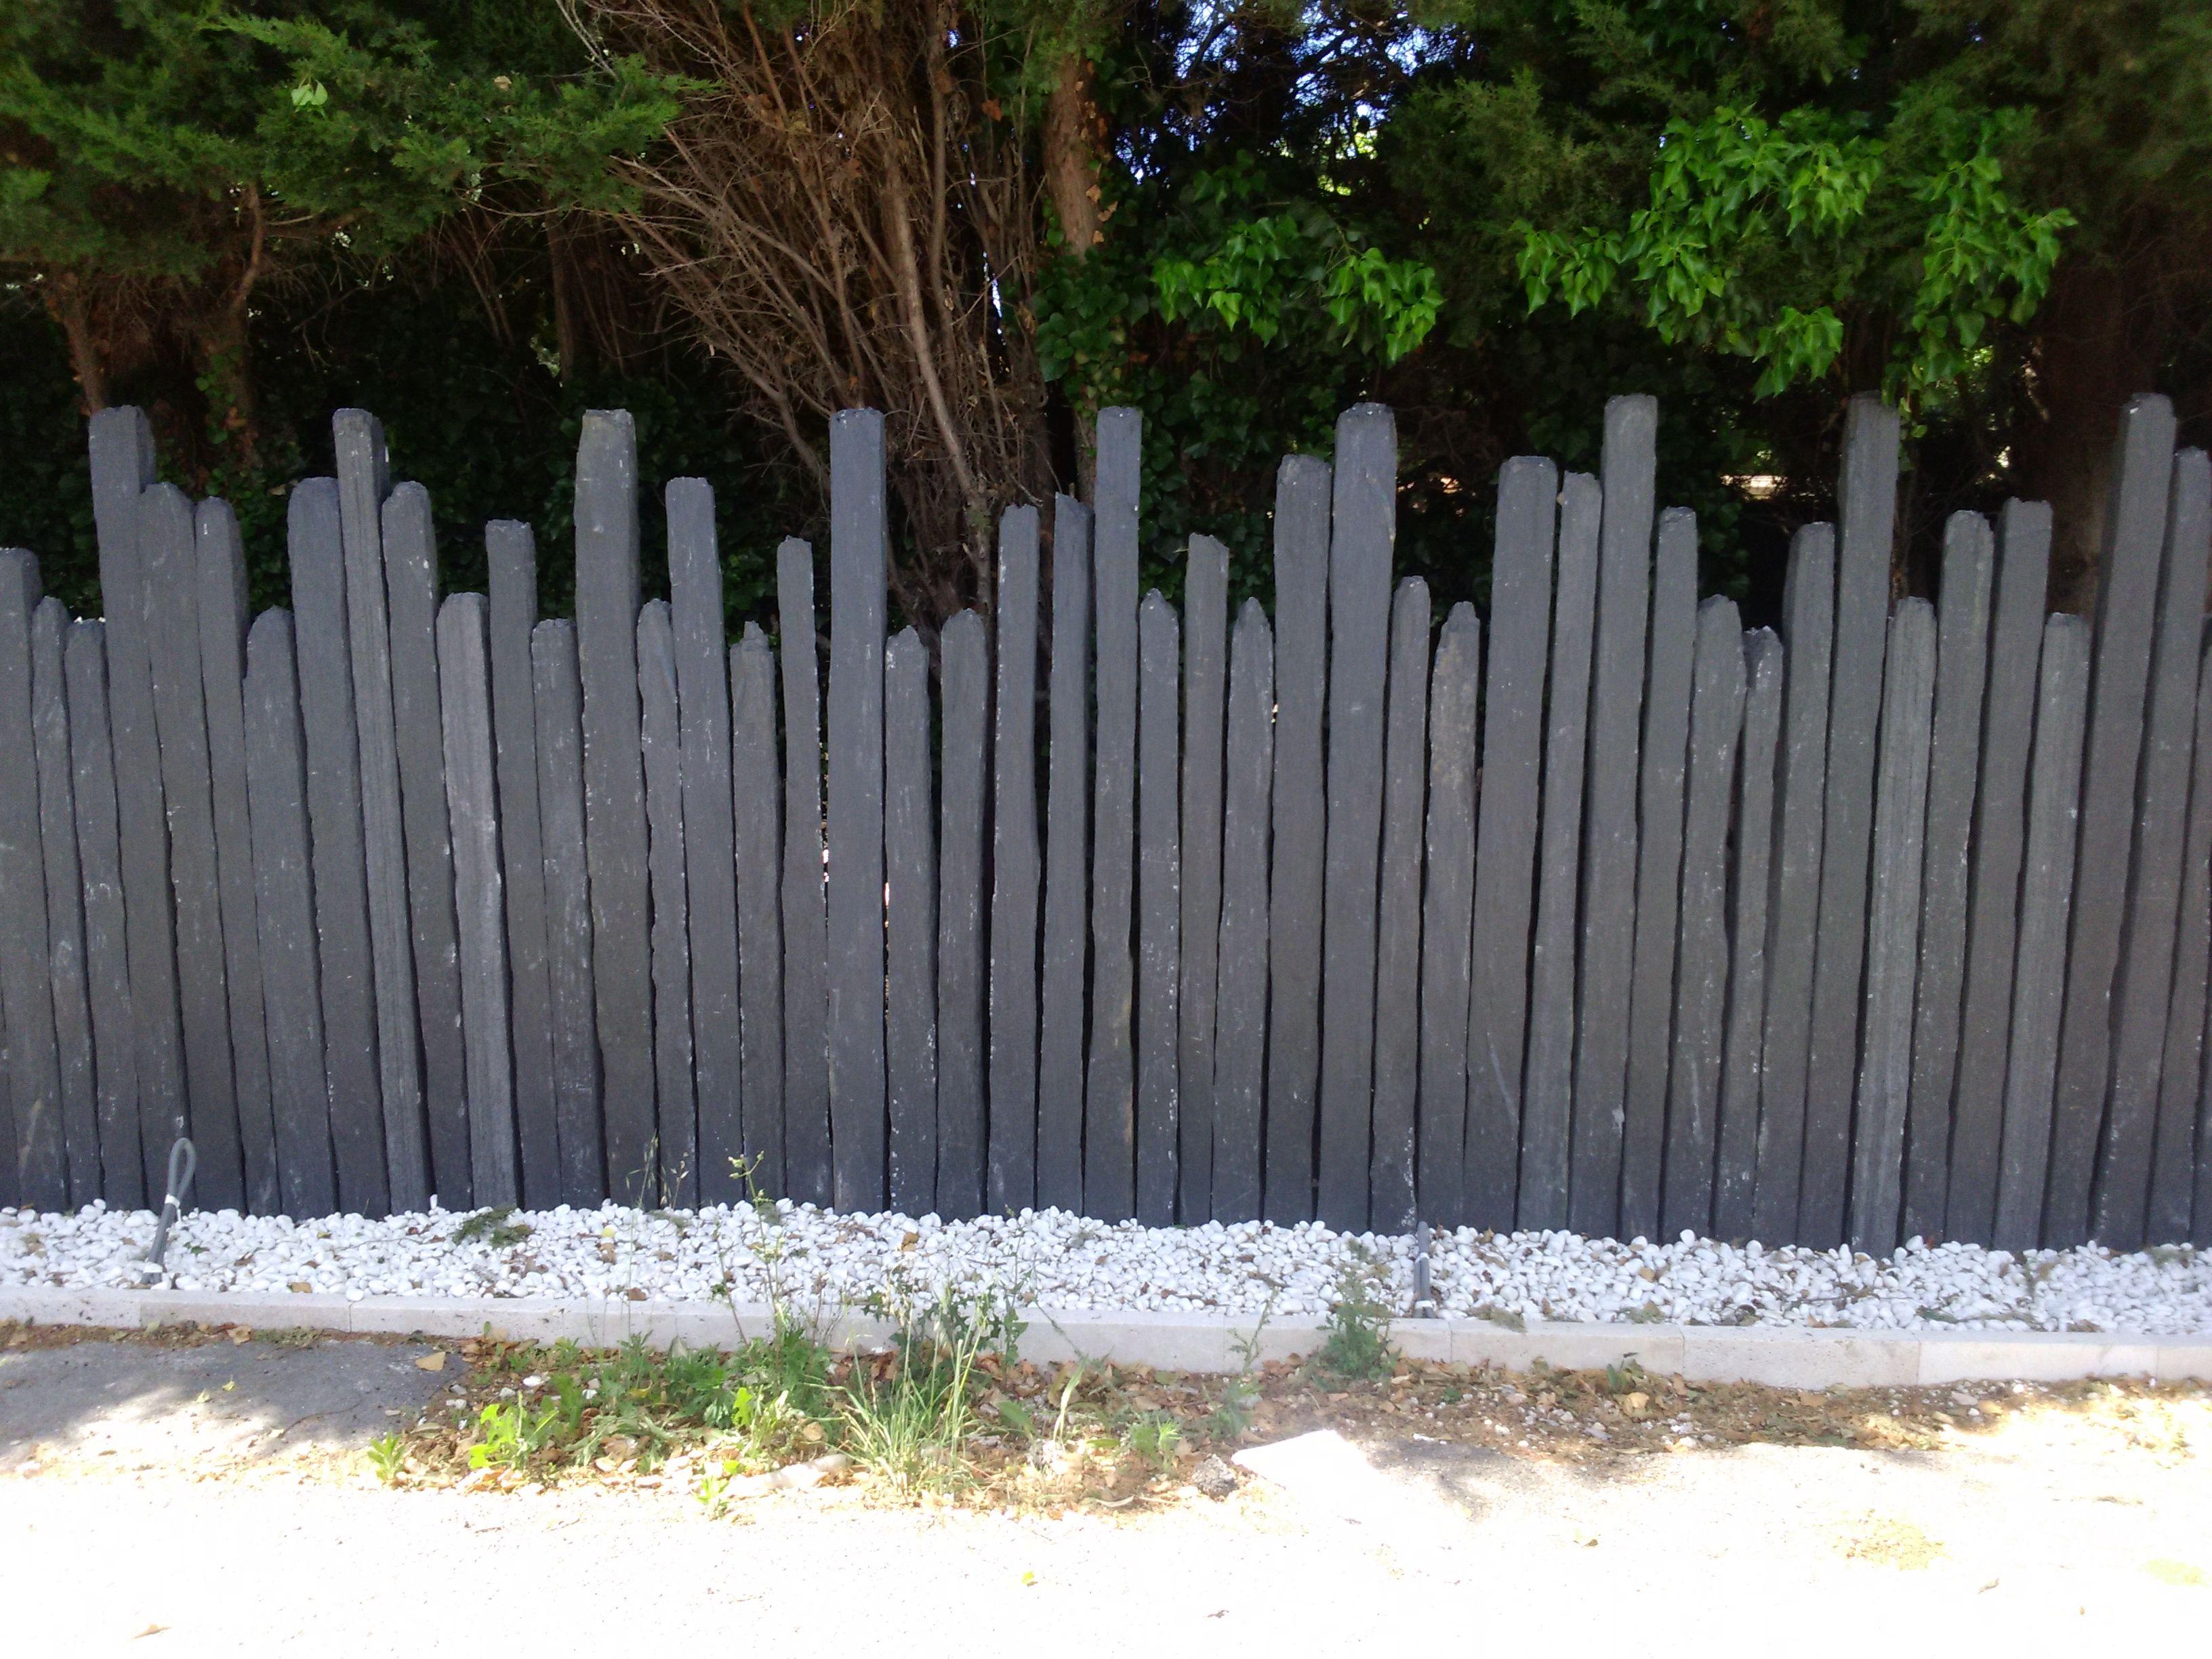 Piquet En Ardoise Bois Jardin clôture en piquets d'ardoise | amenagement jardin, cloture